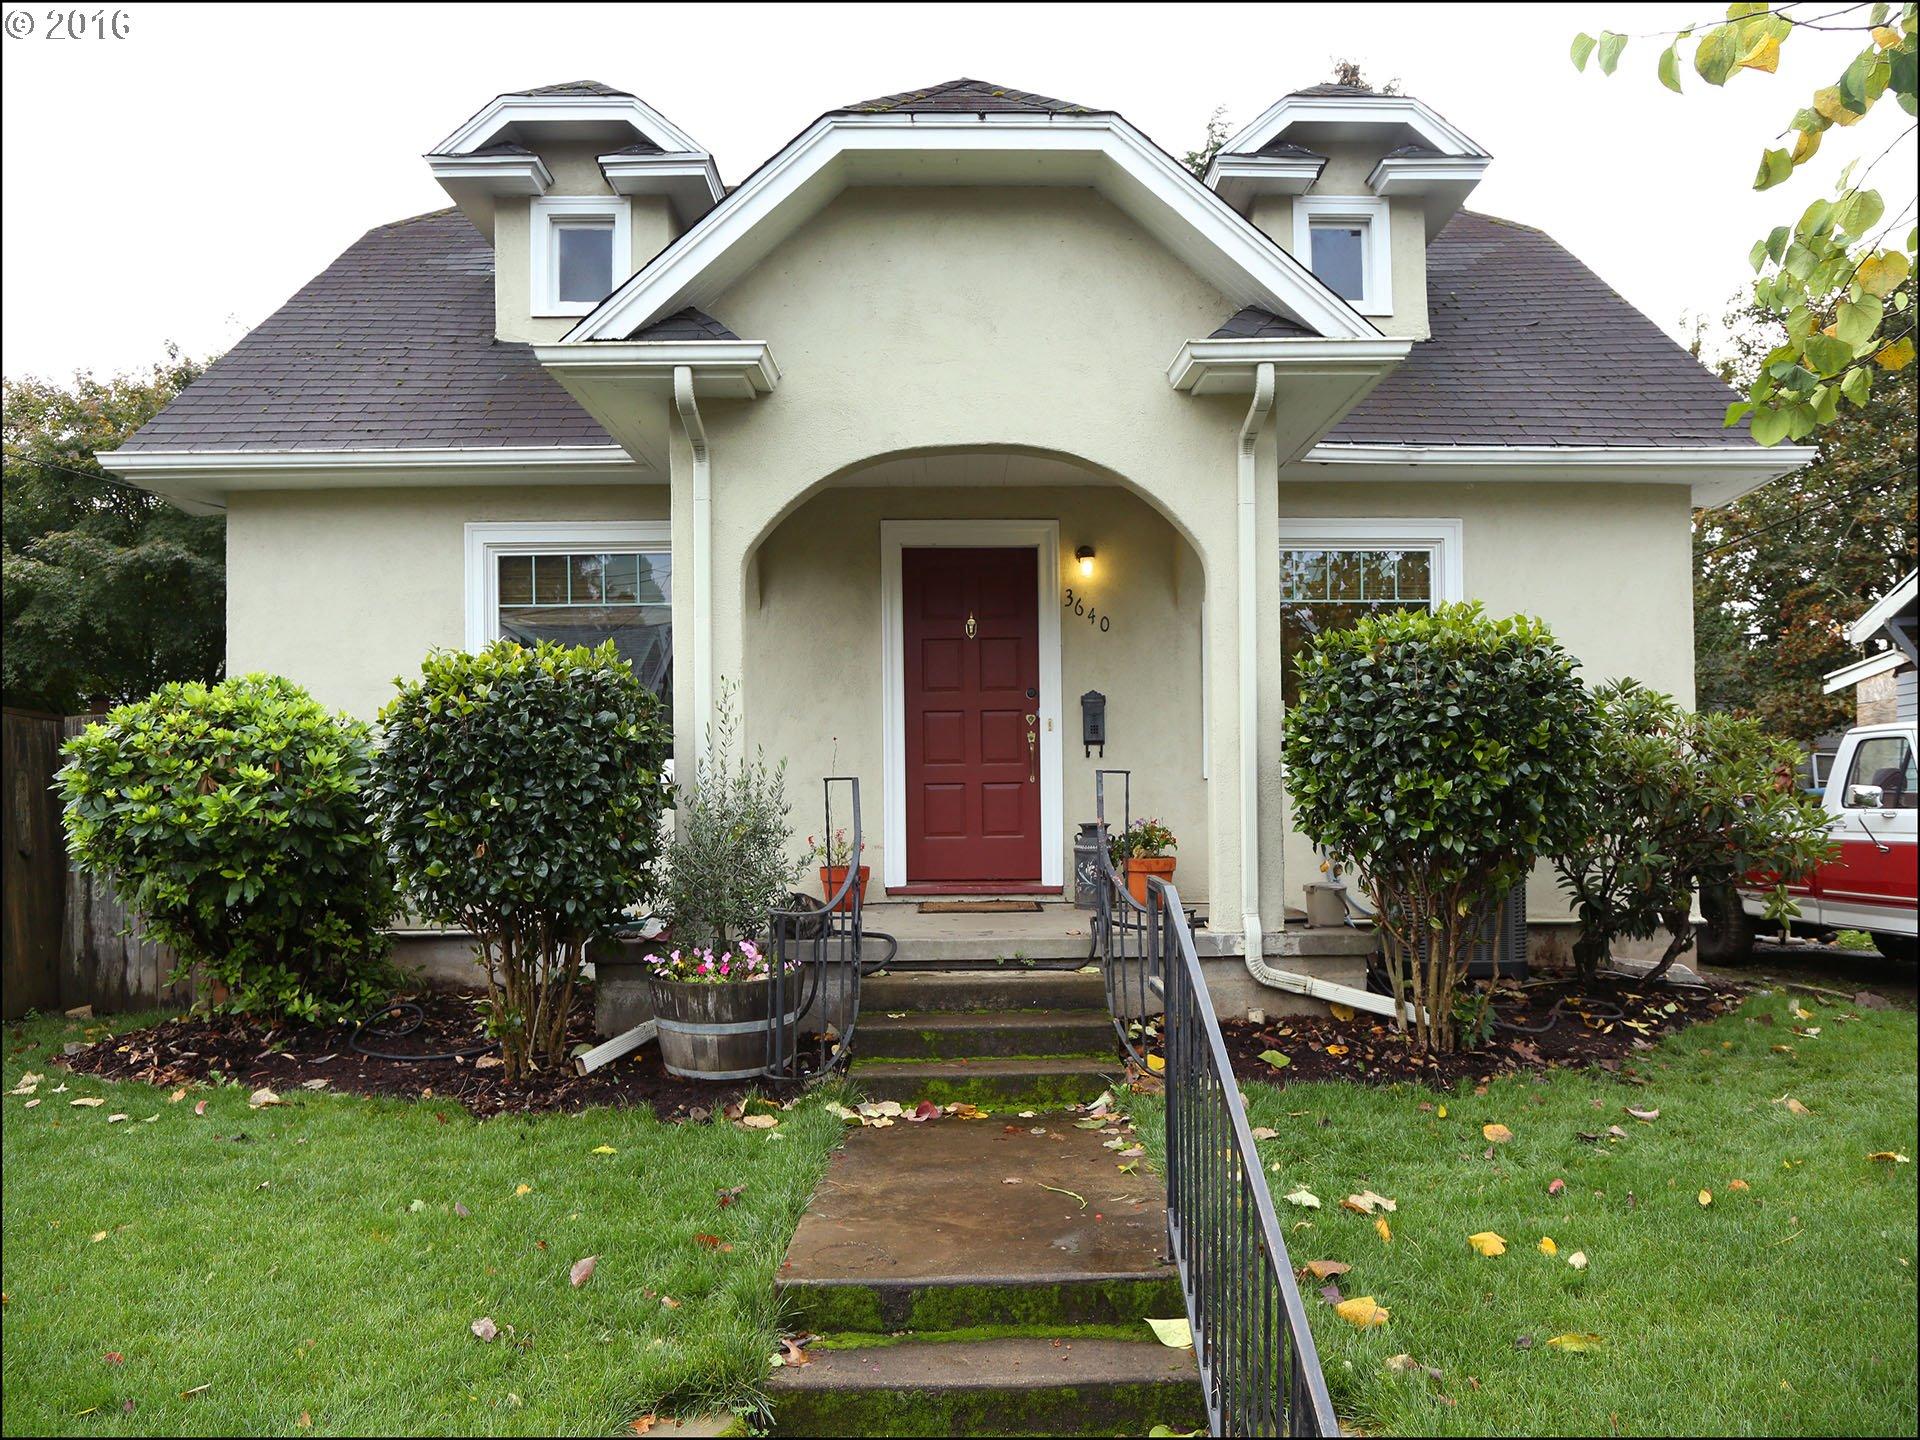 3640 SE CENTER ST, Portland OR 97202